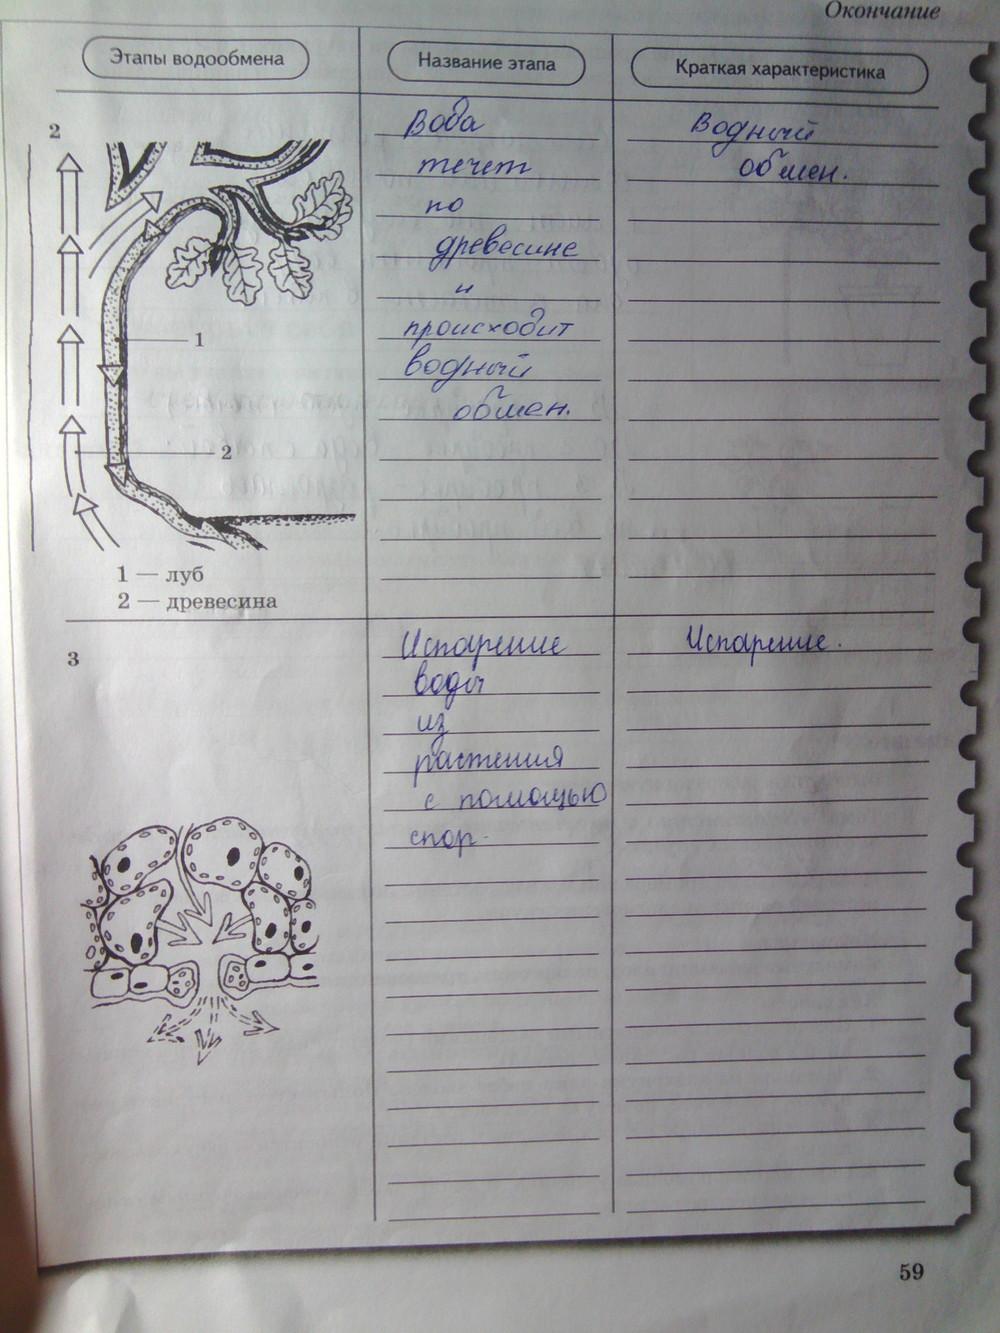 Рабочей пономарева панина биологии в 9 по корнилова класс тетради гдз